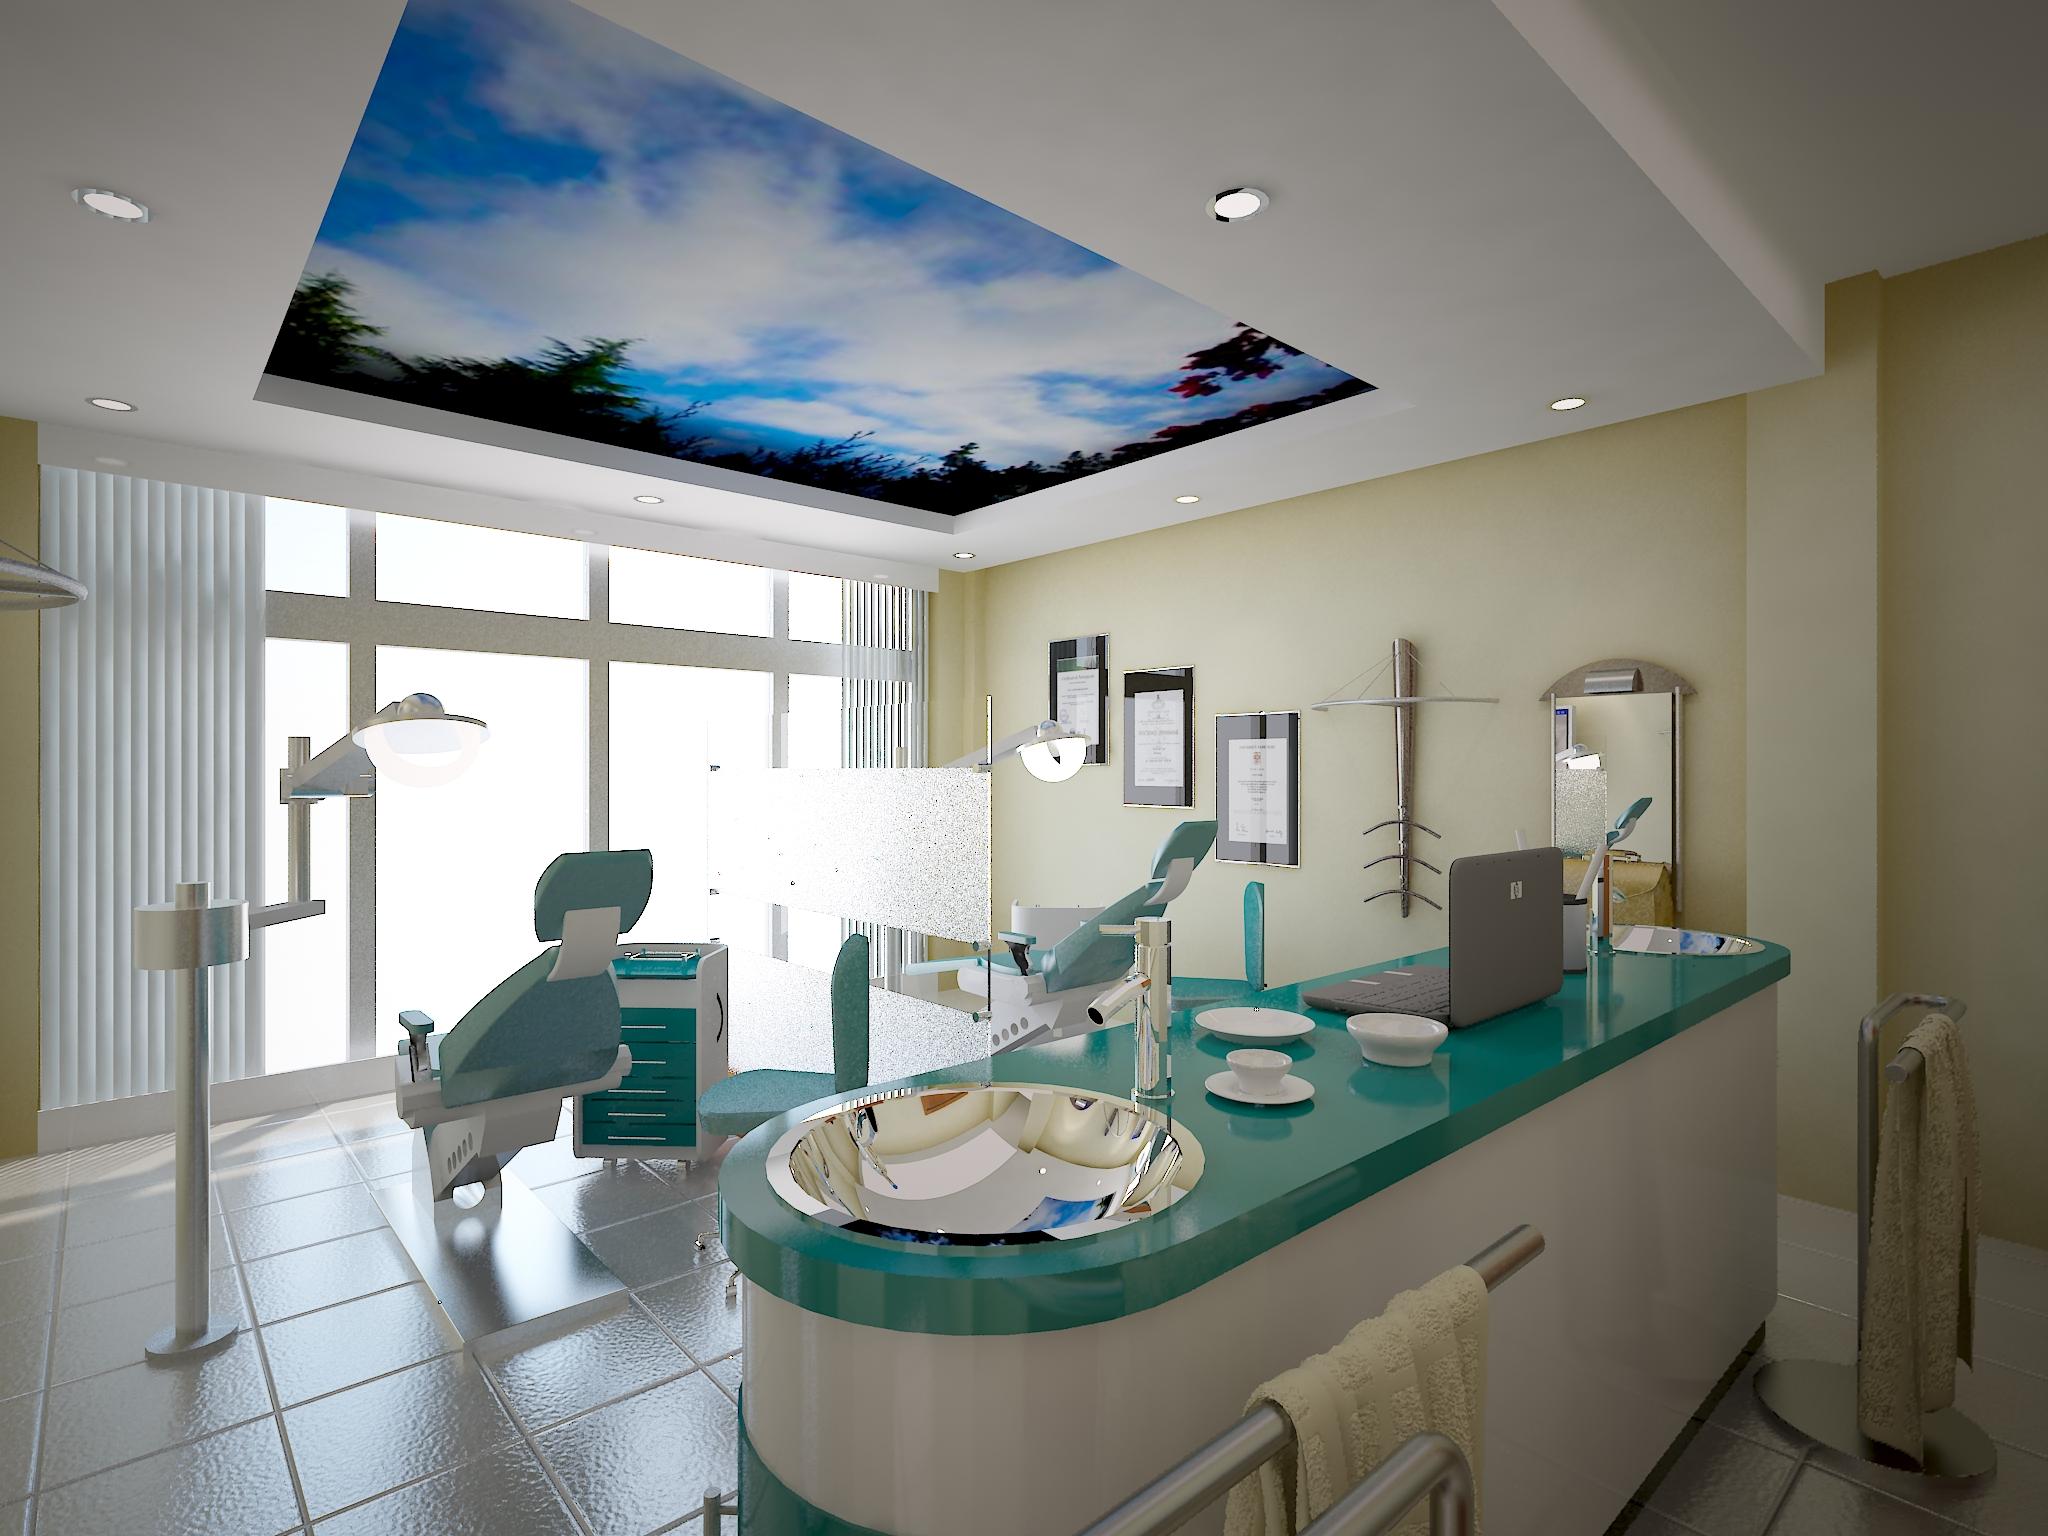 Clinica odontologica - Planos de clinicas dentales ...